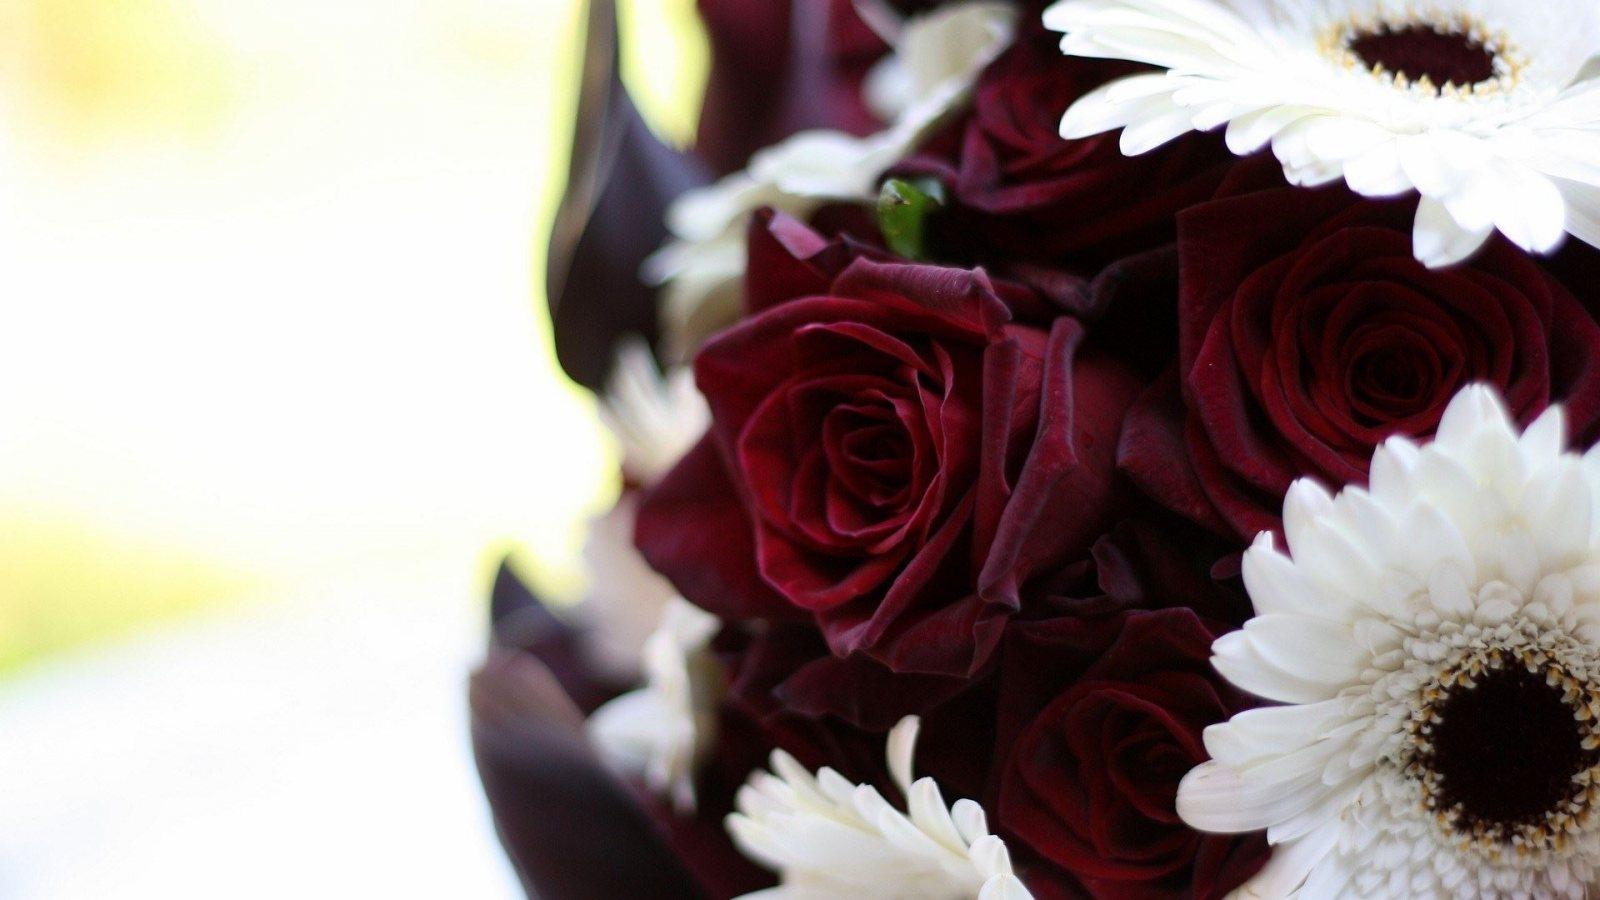 http://3.bp.blogspot.com/-m1_ph5cBlK4/UGFydDDrLFI/AAAAAAAAG80/E2LWfd2OGm0/s1600/roses--gerberas-bouquet-1600x900.jpg